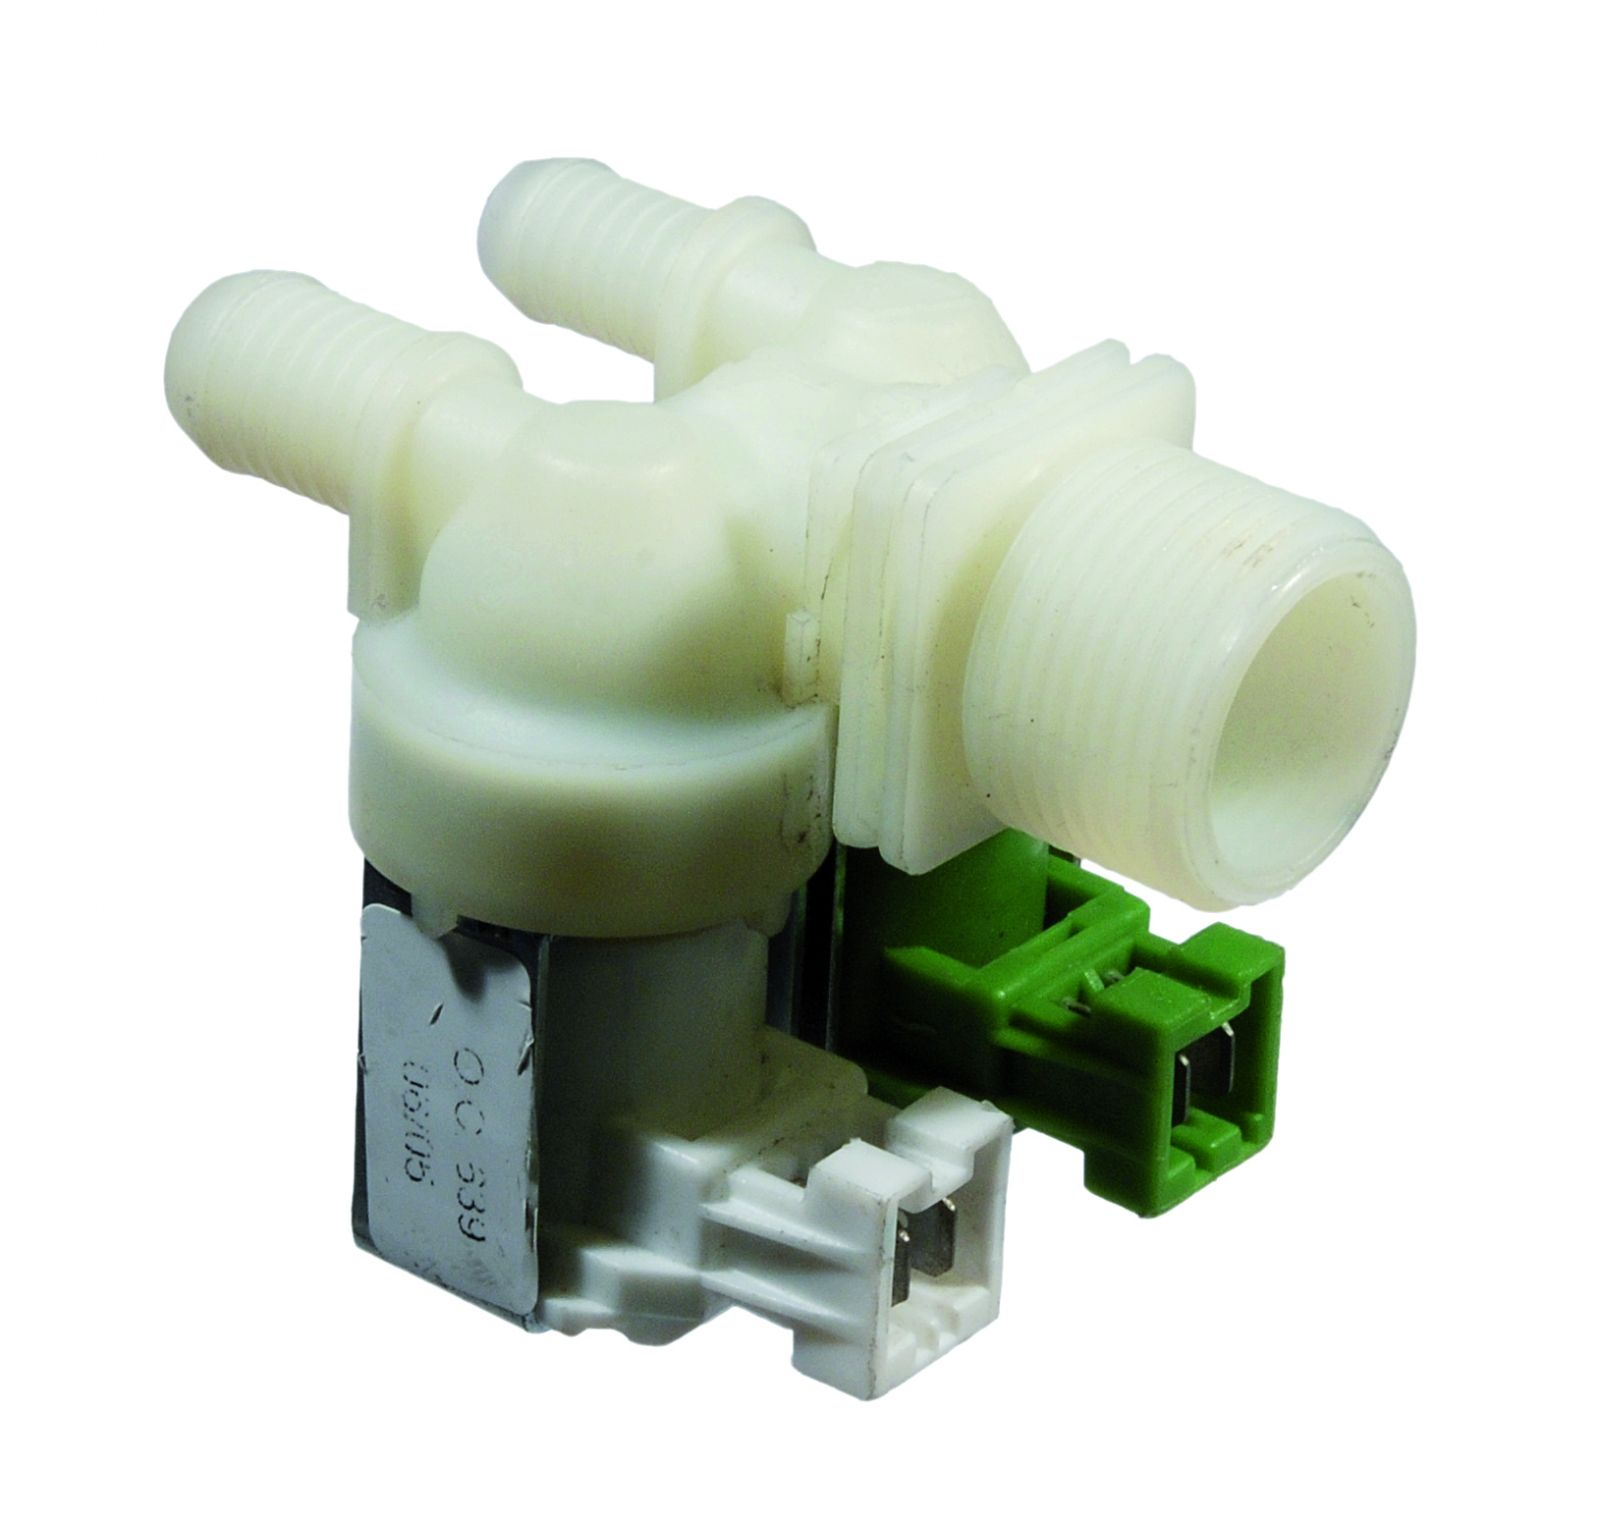 ventil napouštěcí dvoucestný do pračky Zanussi, Electrolux, AEG - 3792260808 AEG / Electrolux / Zanussi